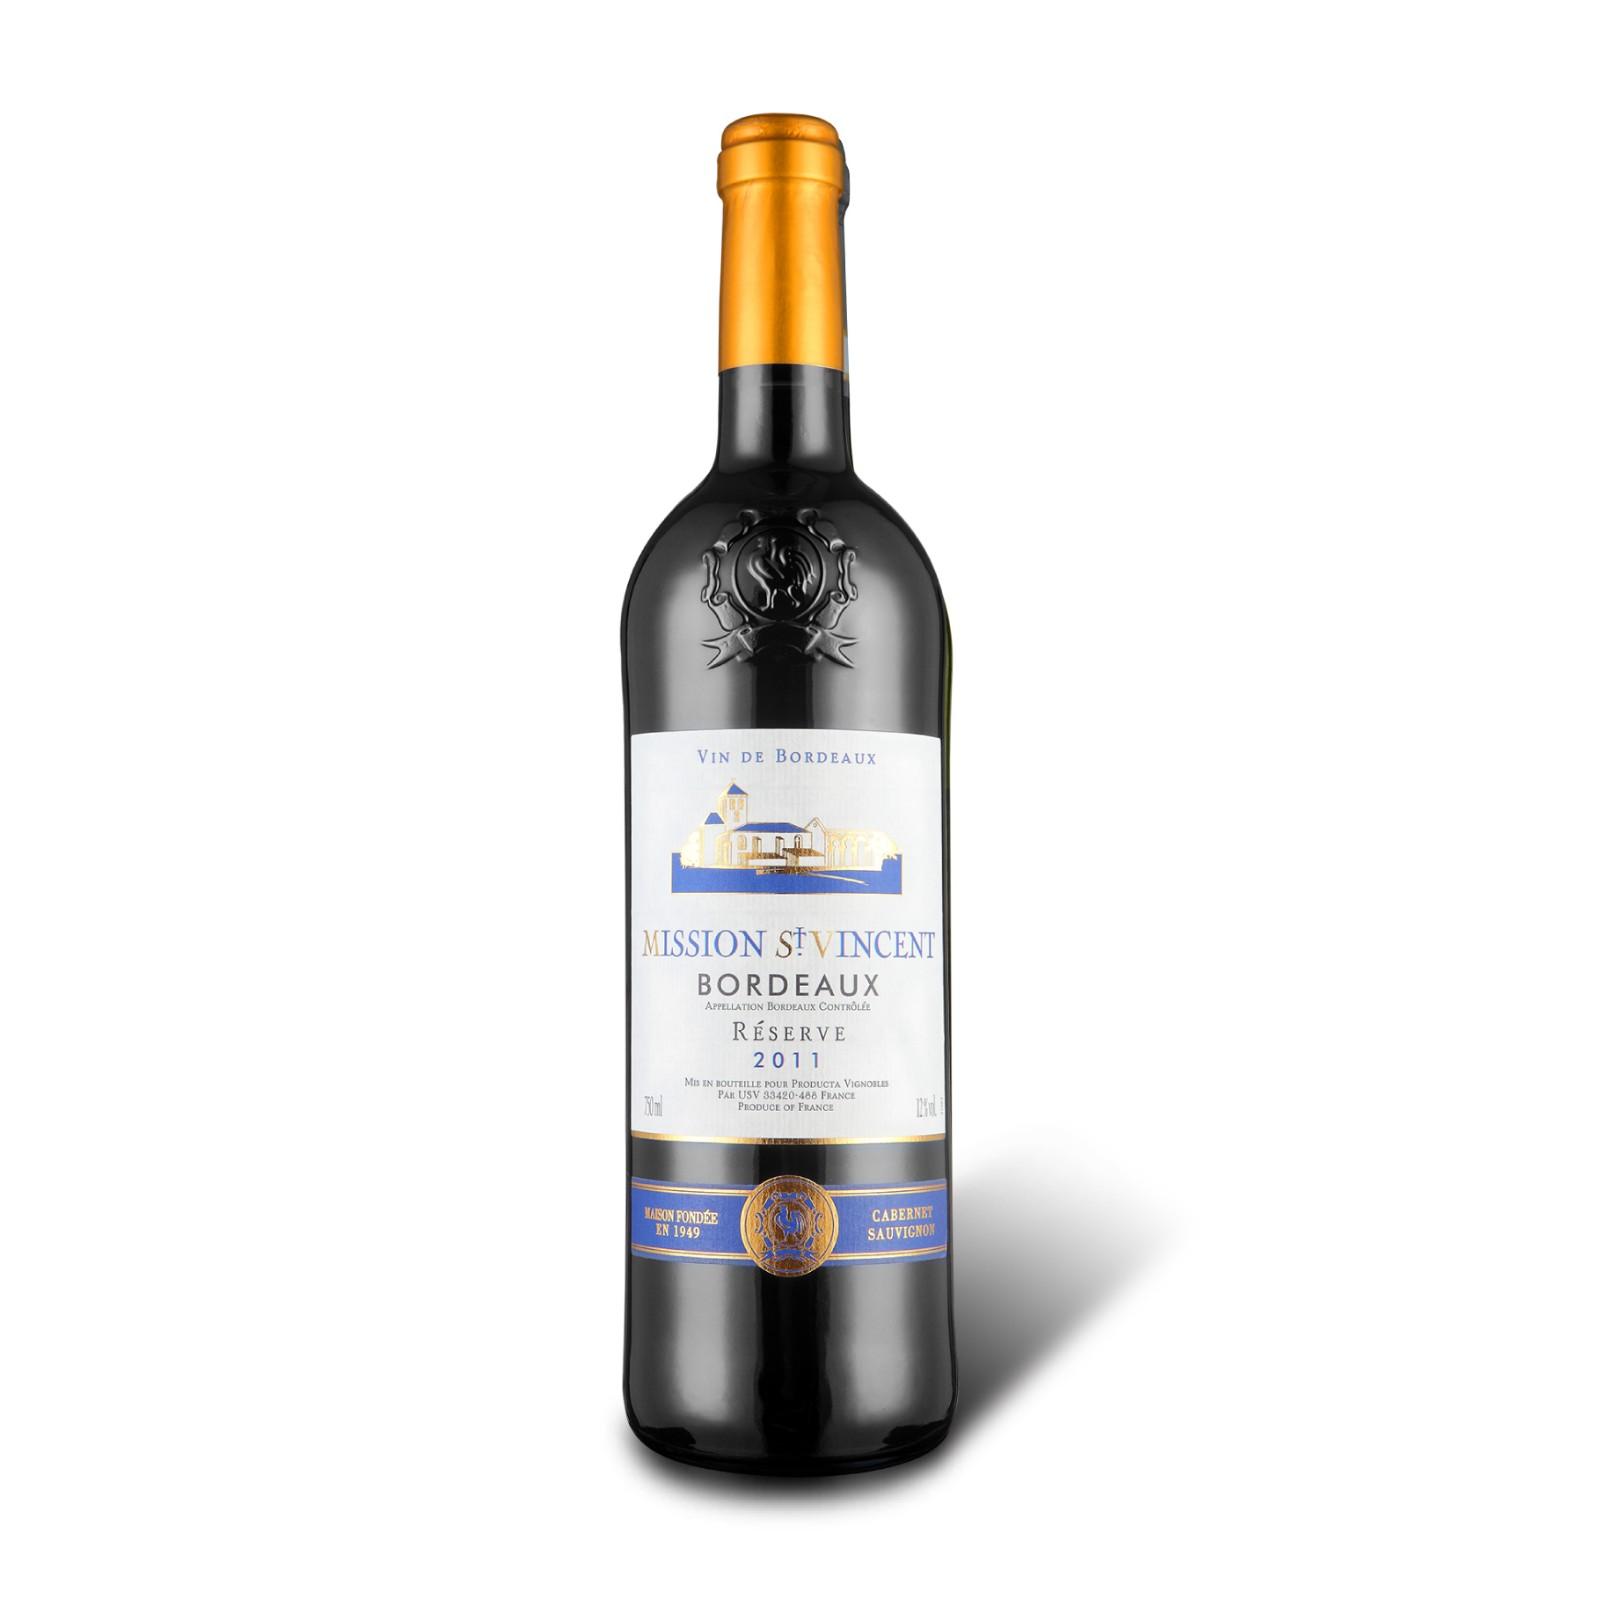 圣徒之心赤霞珠红葡萄酒